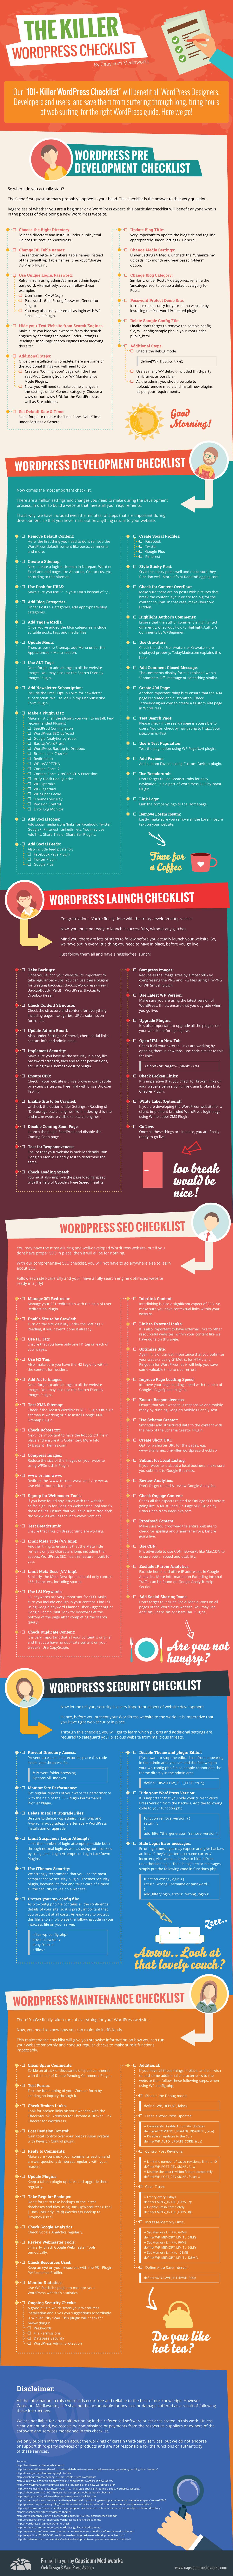 wordpress-checklist-infographic